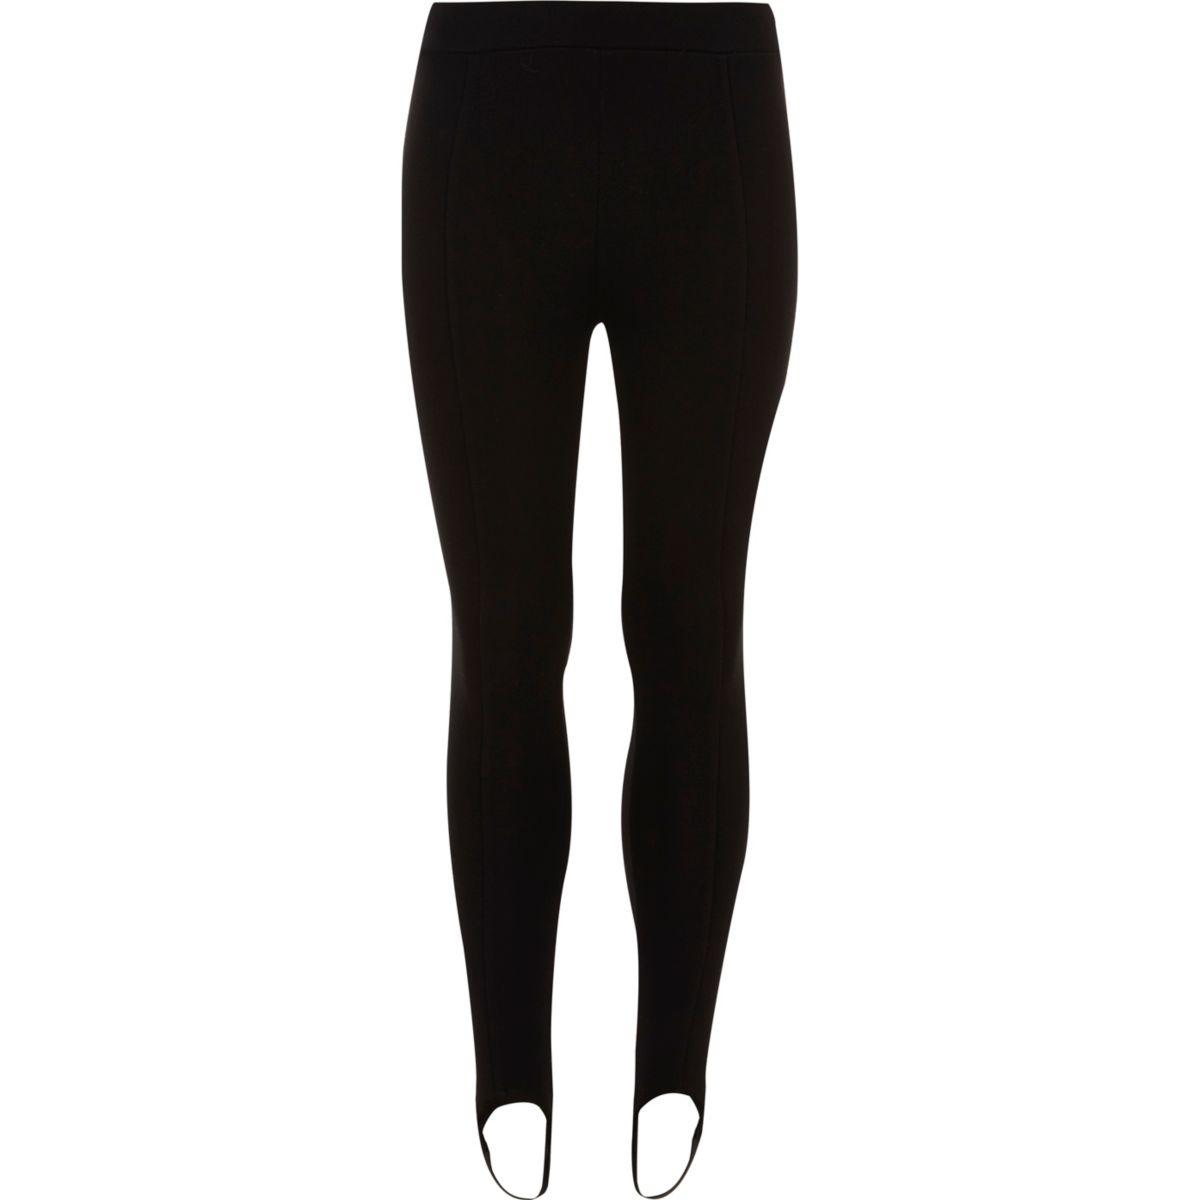 Girls black stirrup leggings